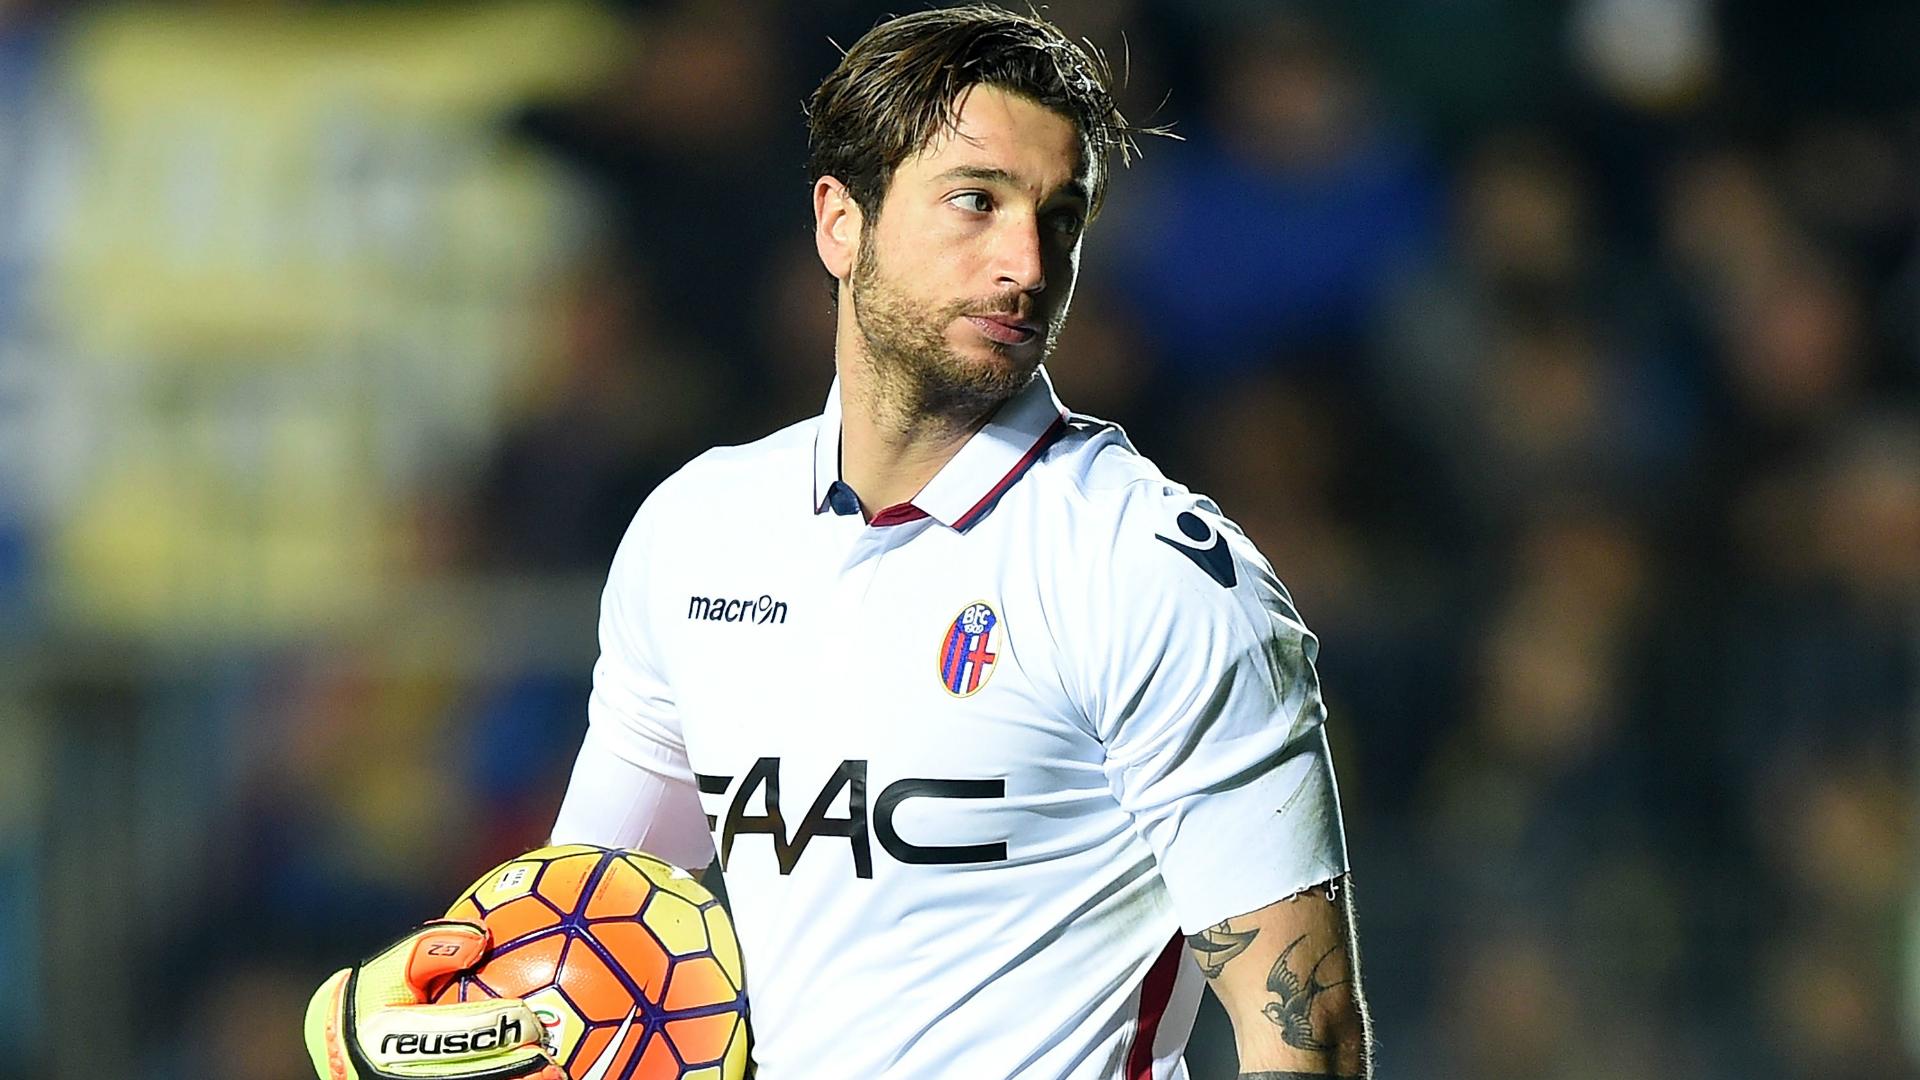 Arriva la conferma del Bologna: Antonio Mirante torna ad allenarsi